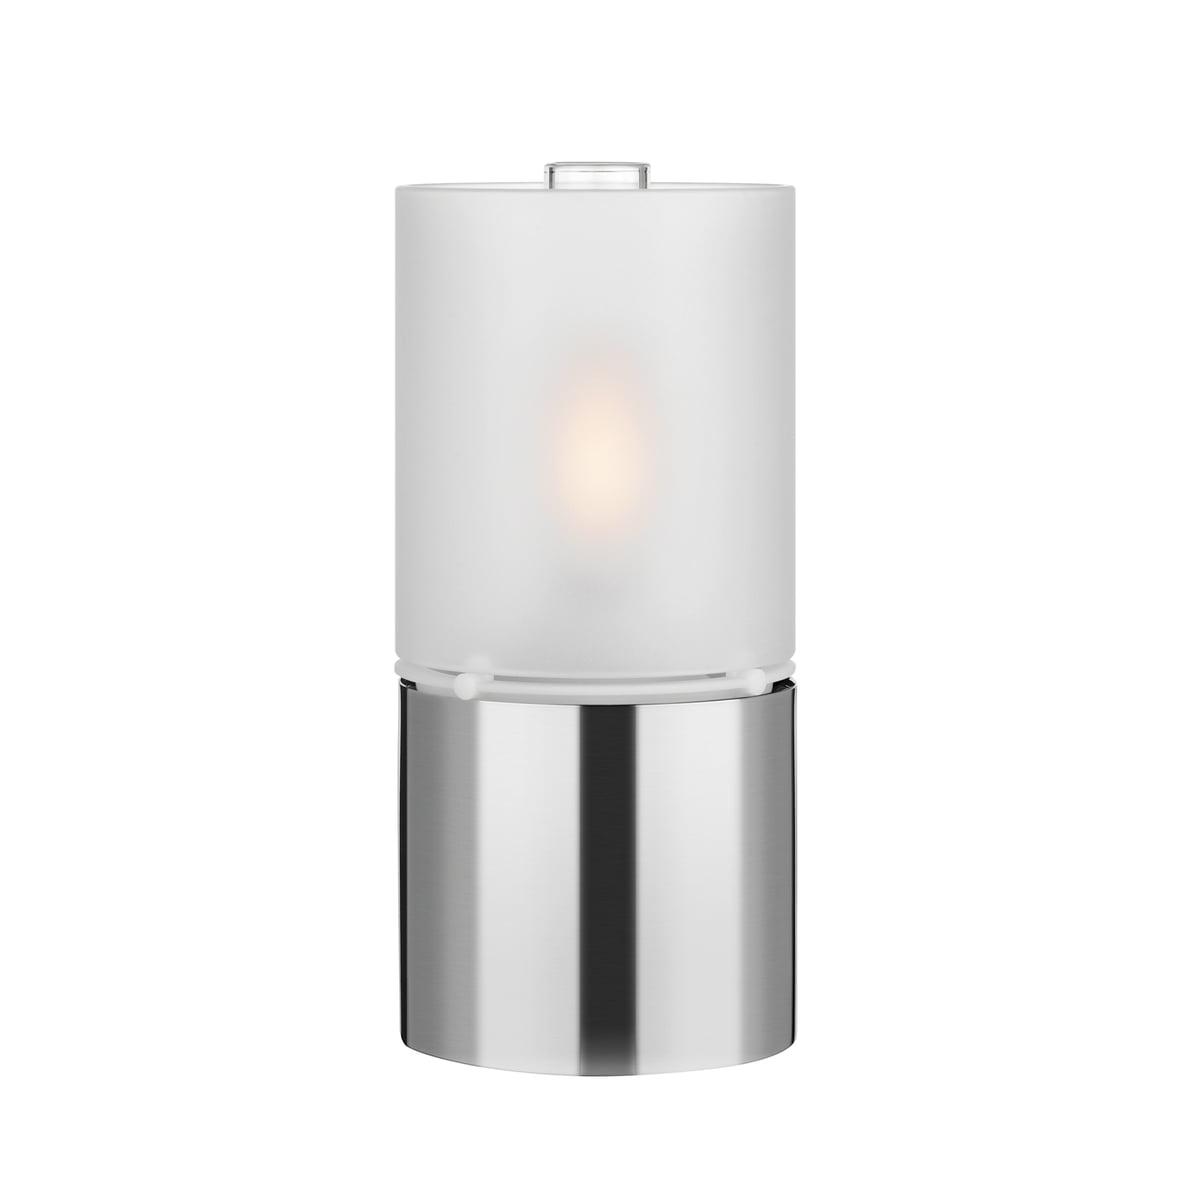 Stelton - Lampe à huile 1006 avec abat-jour en verre, satiné